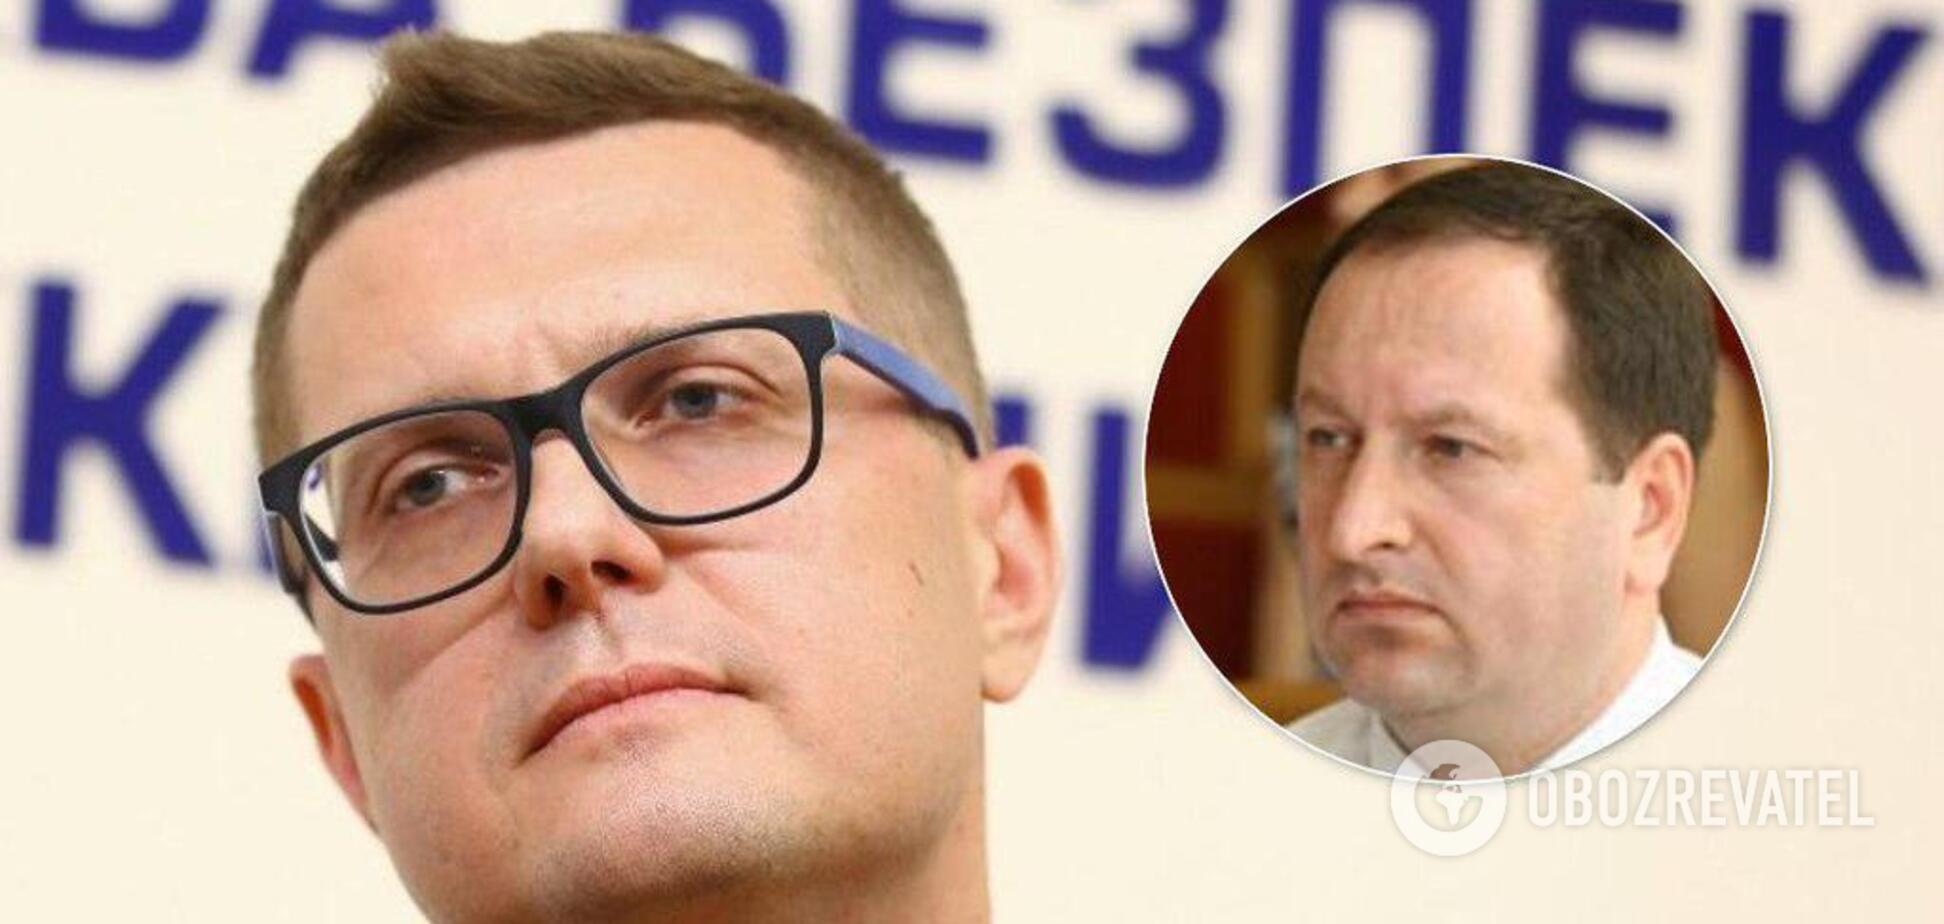 Замглавой СБУ втихаря назначили чиновника времен Януковича: расследование